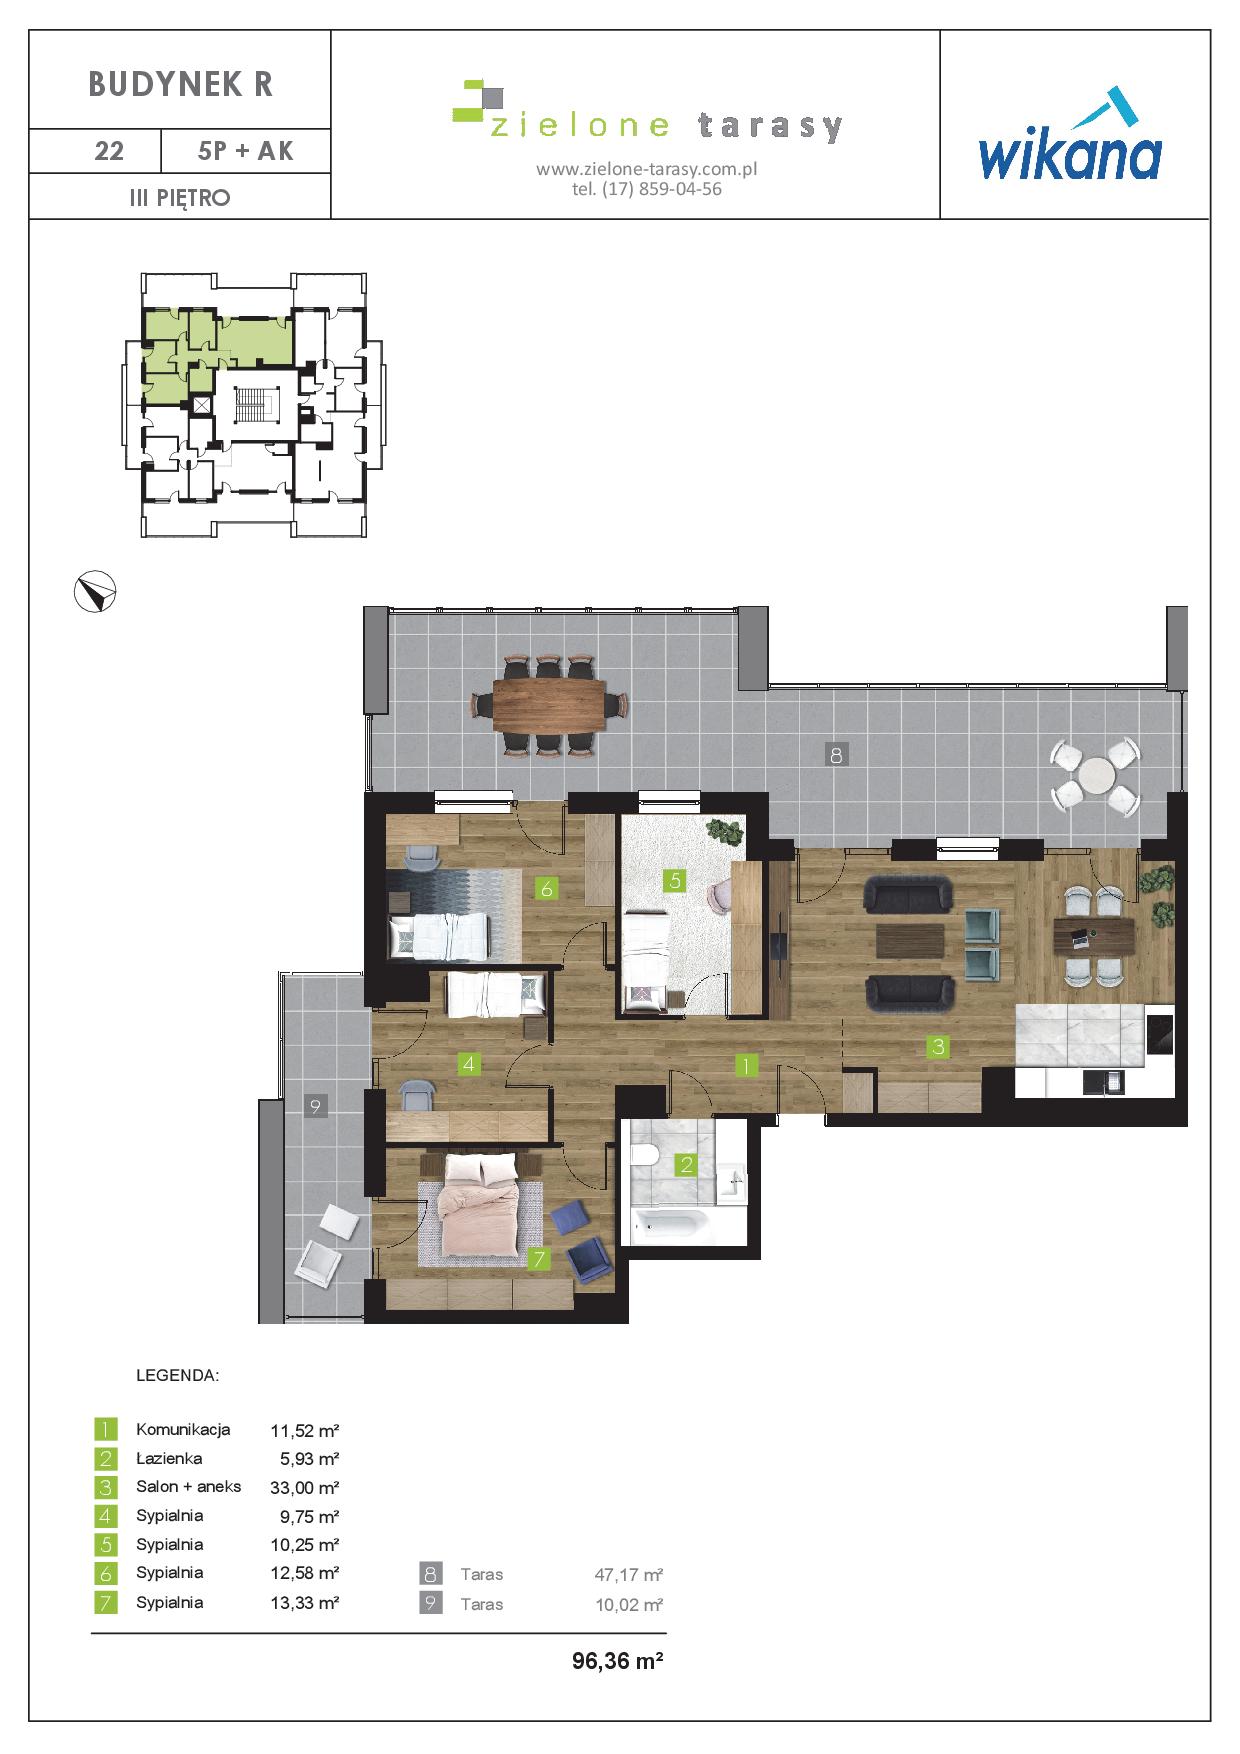 sprzedaż mieszkań rzeszów - R-22